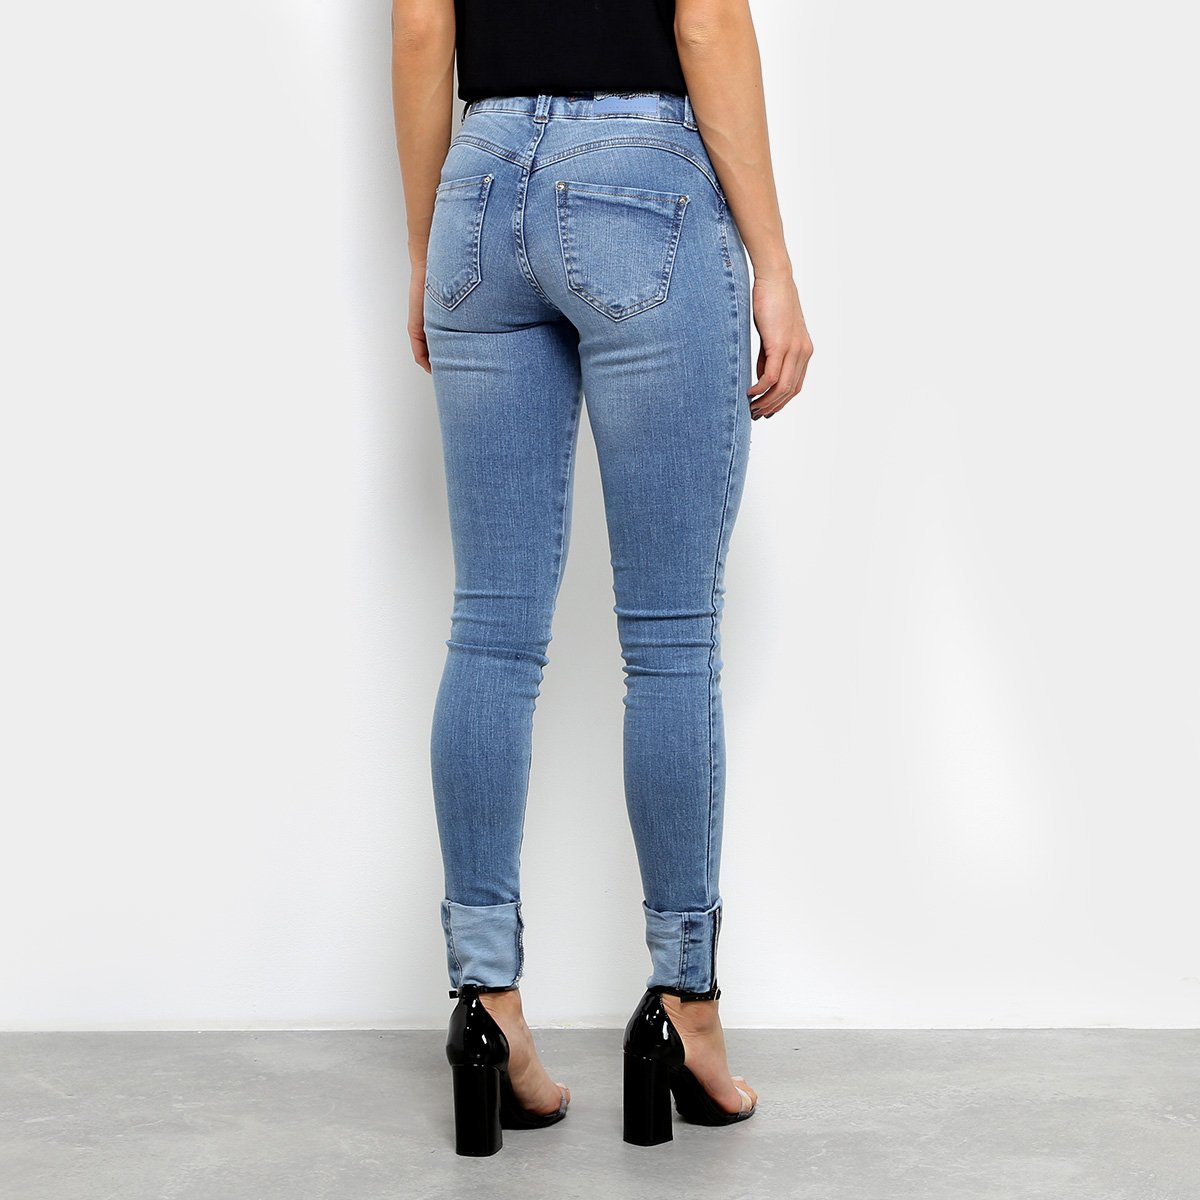 144172300 Calça Jeans Skinny Biotipo Barra Dobrada Cintura Média Feminina ...